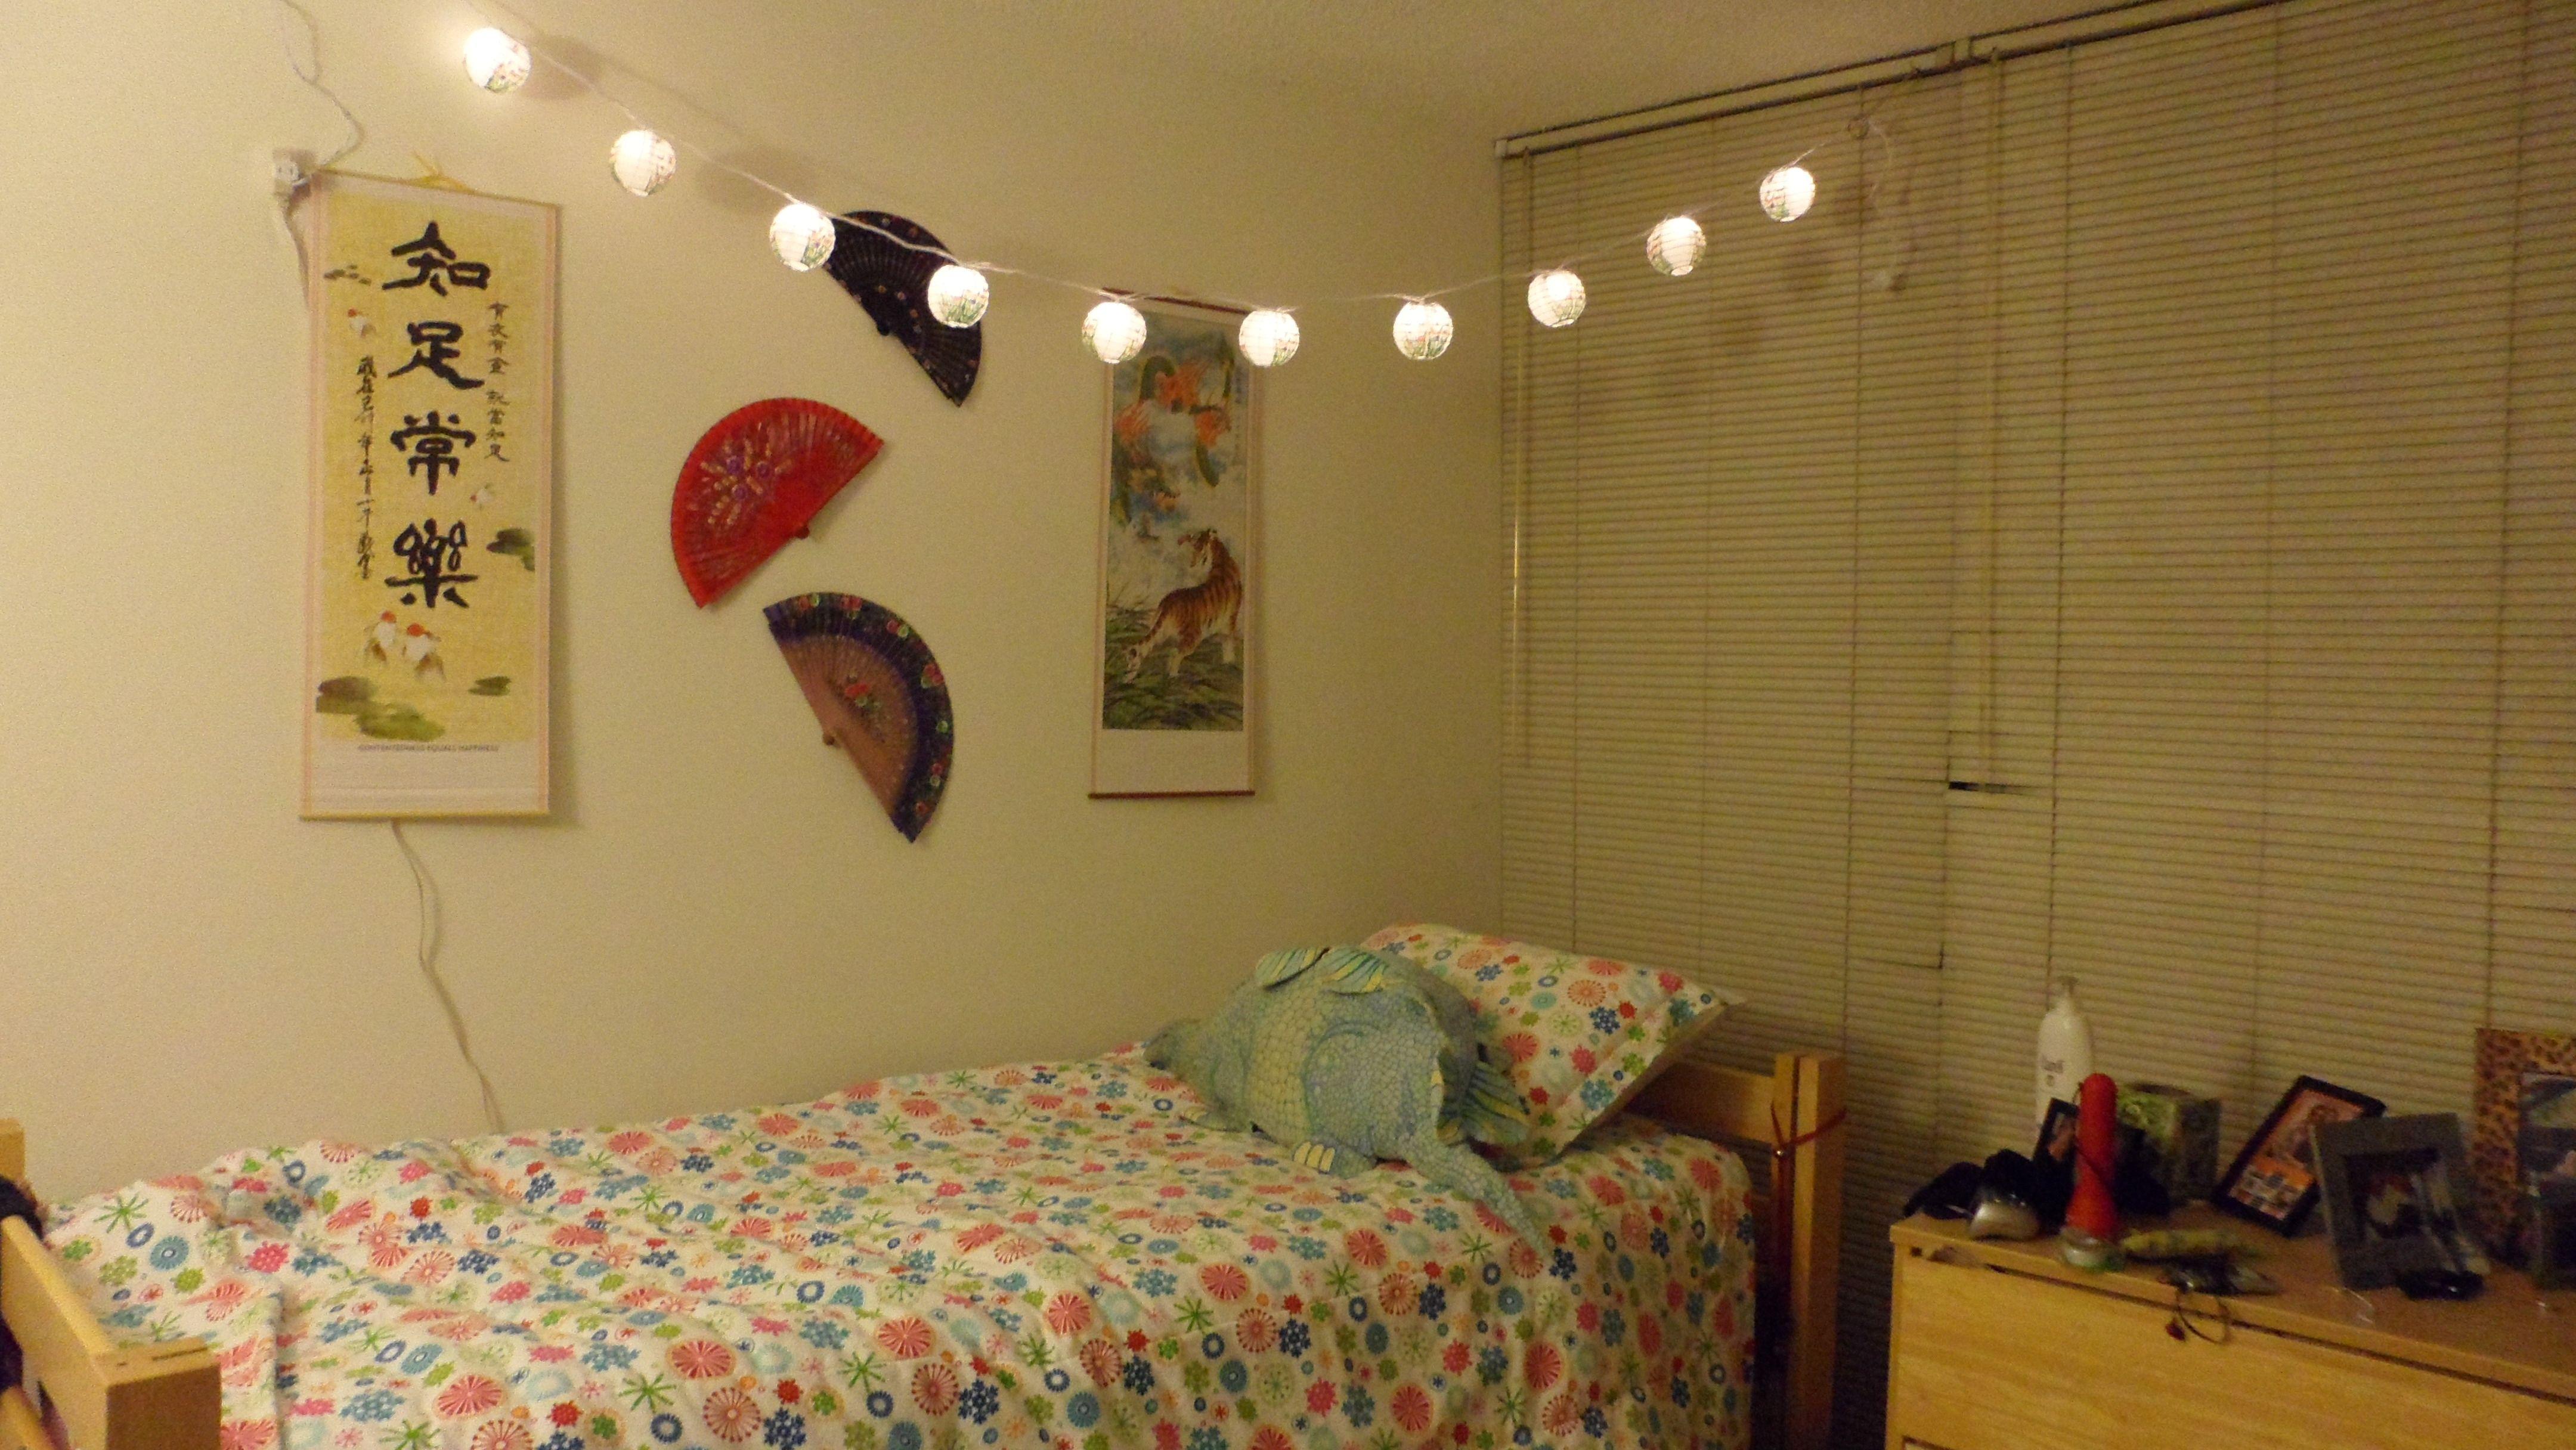 Room String Lantern Lights For Bedroom